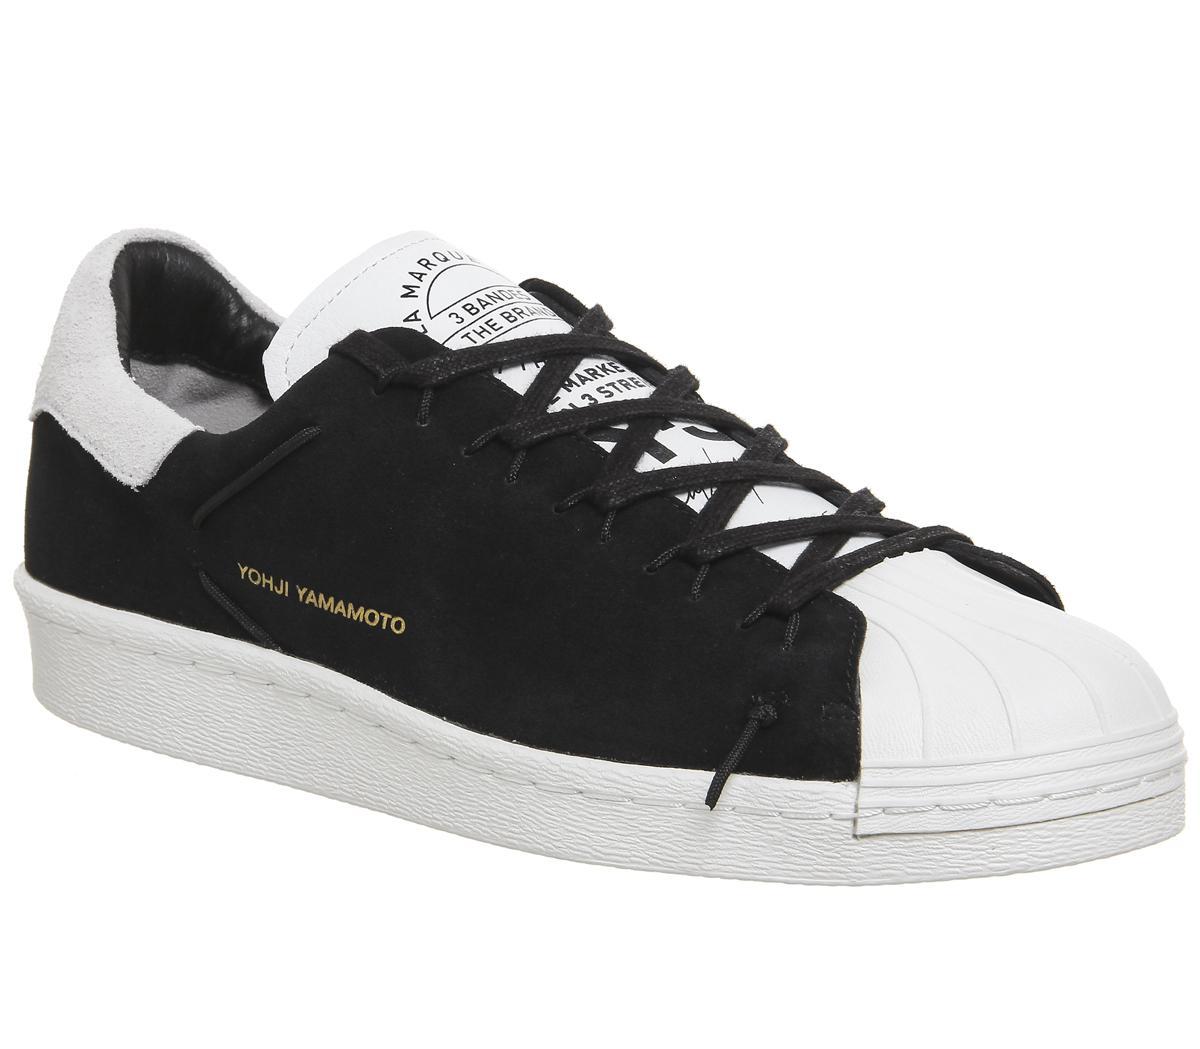 adidas Y3 Y-3 Superstar Knit Black